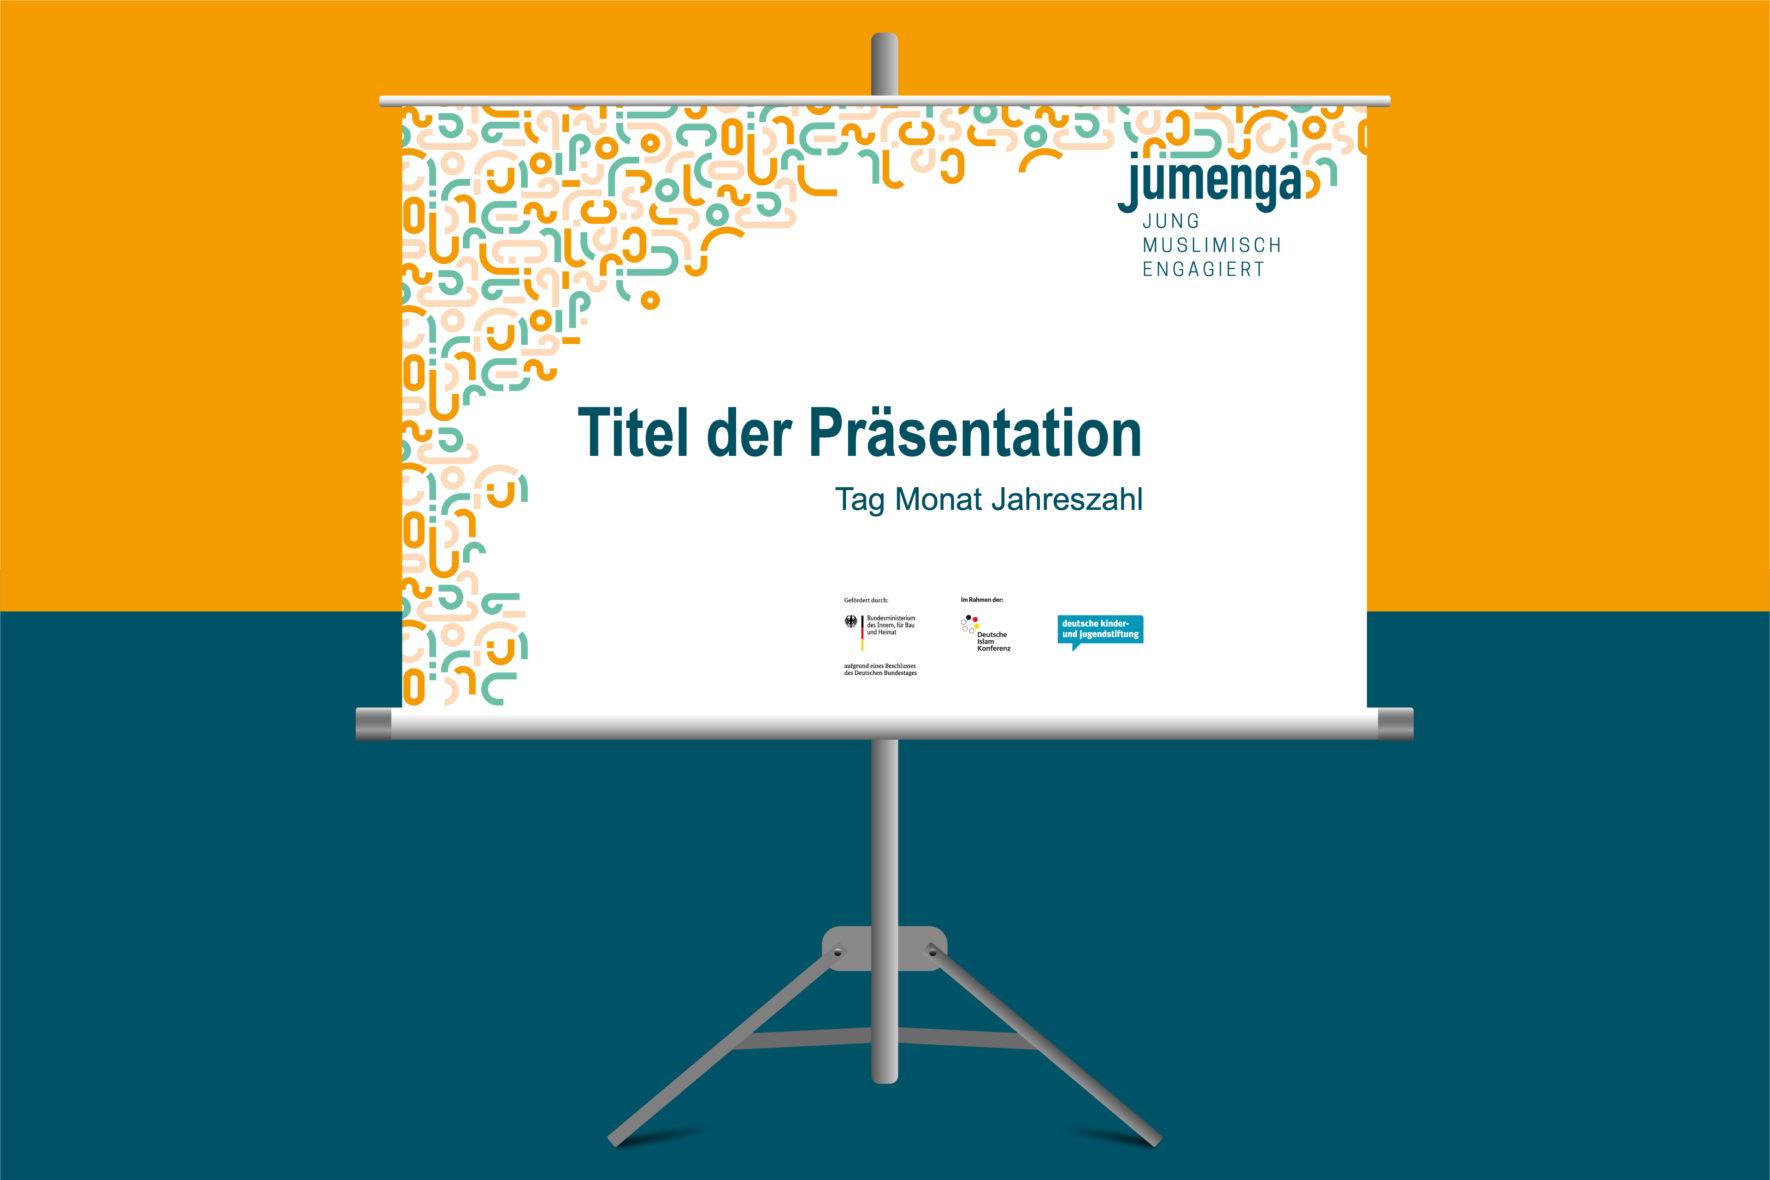 jumenga-deutsche-kinder-und-jugend-stiftung-Praesentation-Design-FORMLOS-Berlin